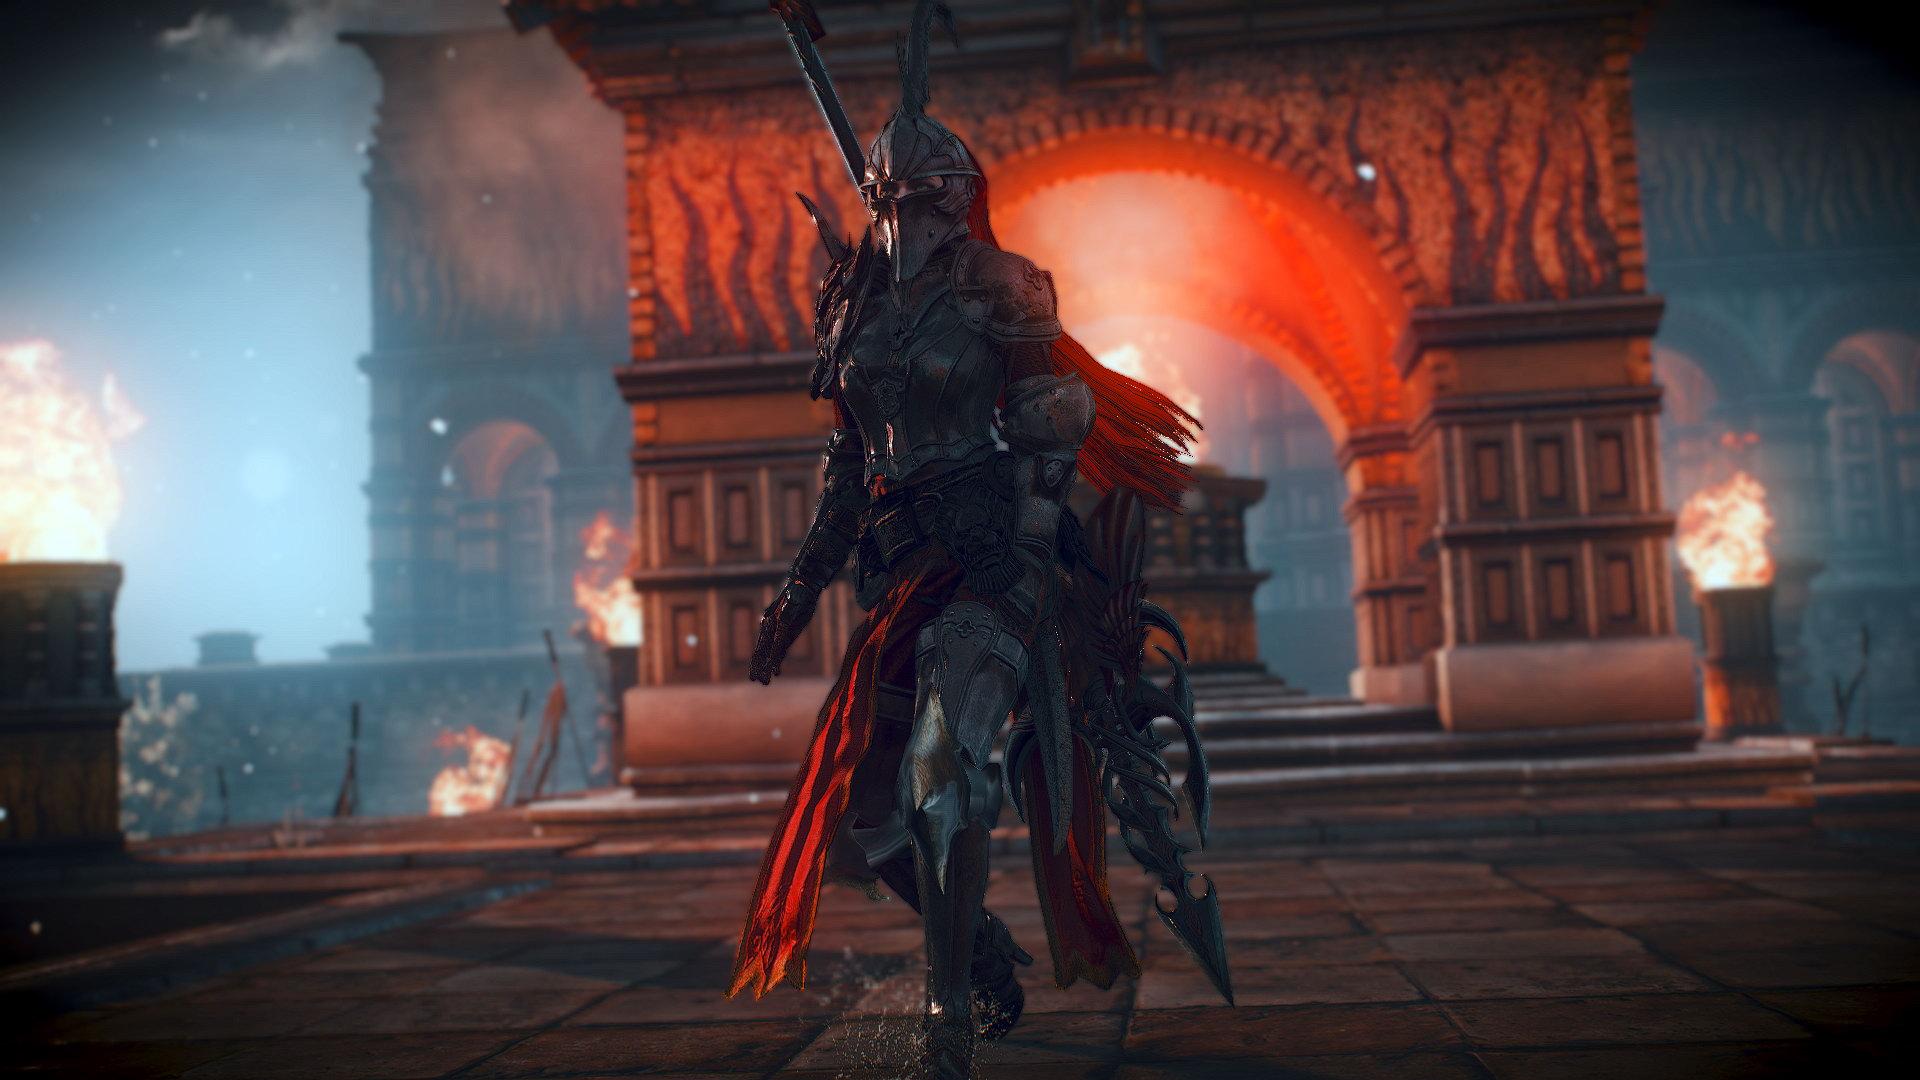 《巫师3》大型Mod铁之阴影 添加大量新盔甲和敌人